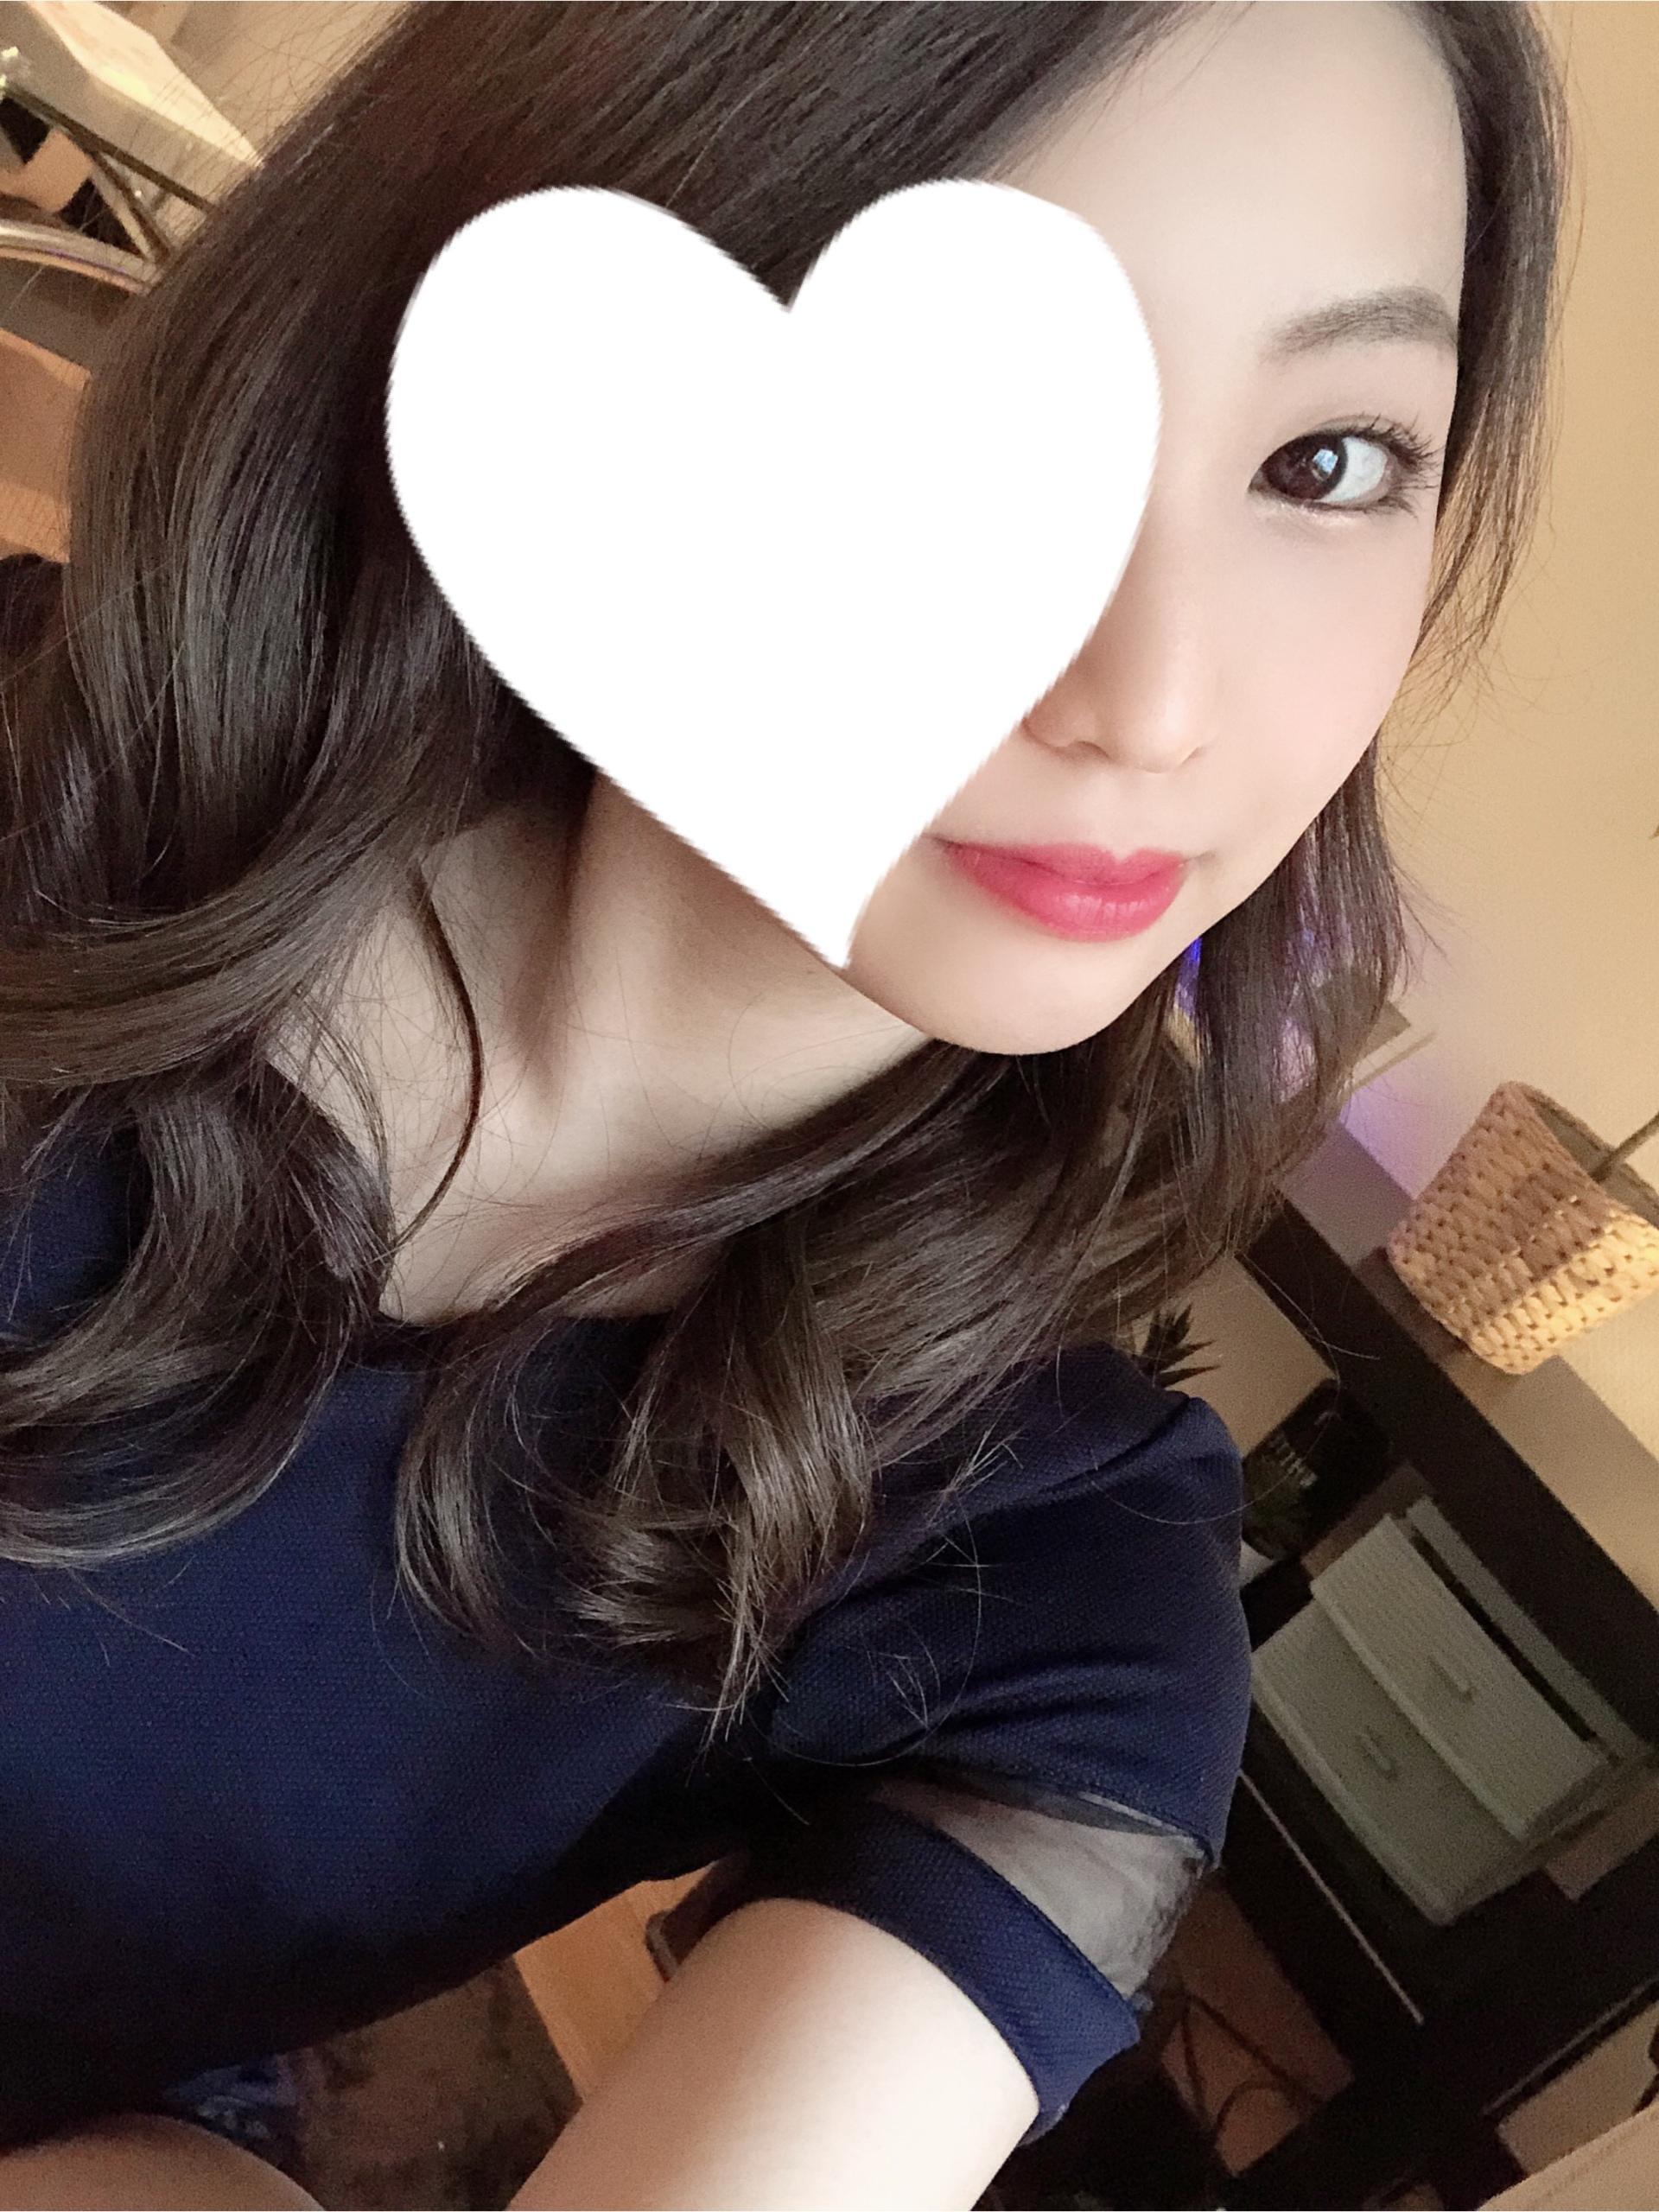 「出勤予定♡」02/23(02/23) 22:01 | かえでの写メ・風俗動画